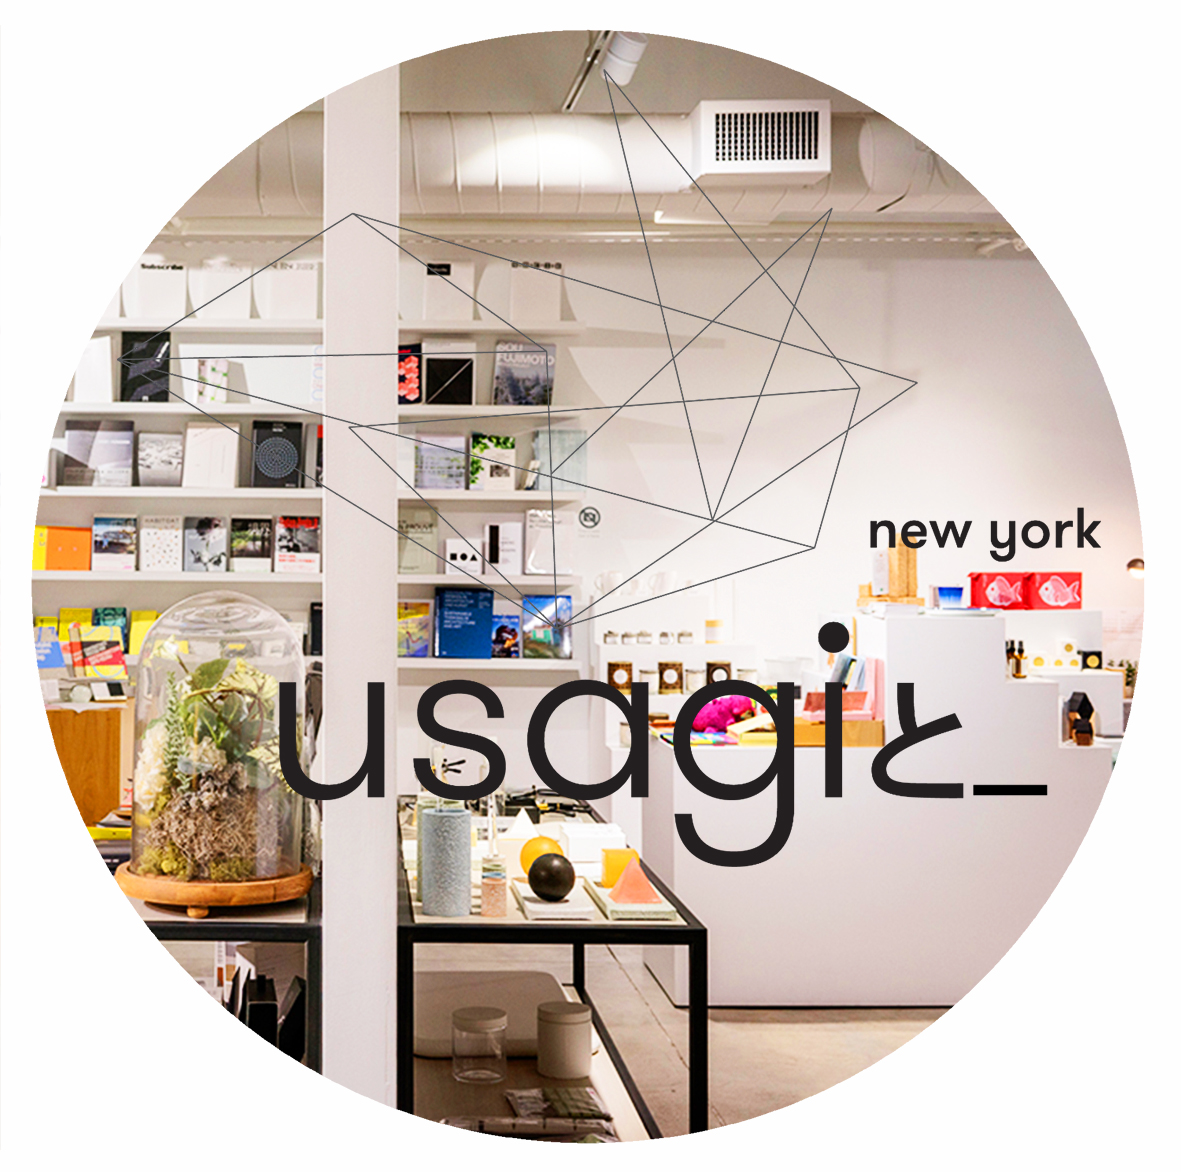 USAGI NY 163 Plymouth Street, Brooklyn, NY 11201